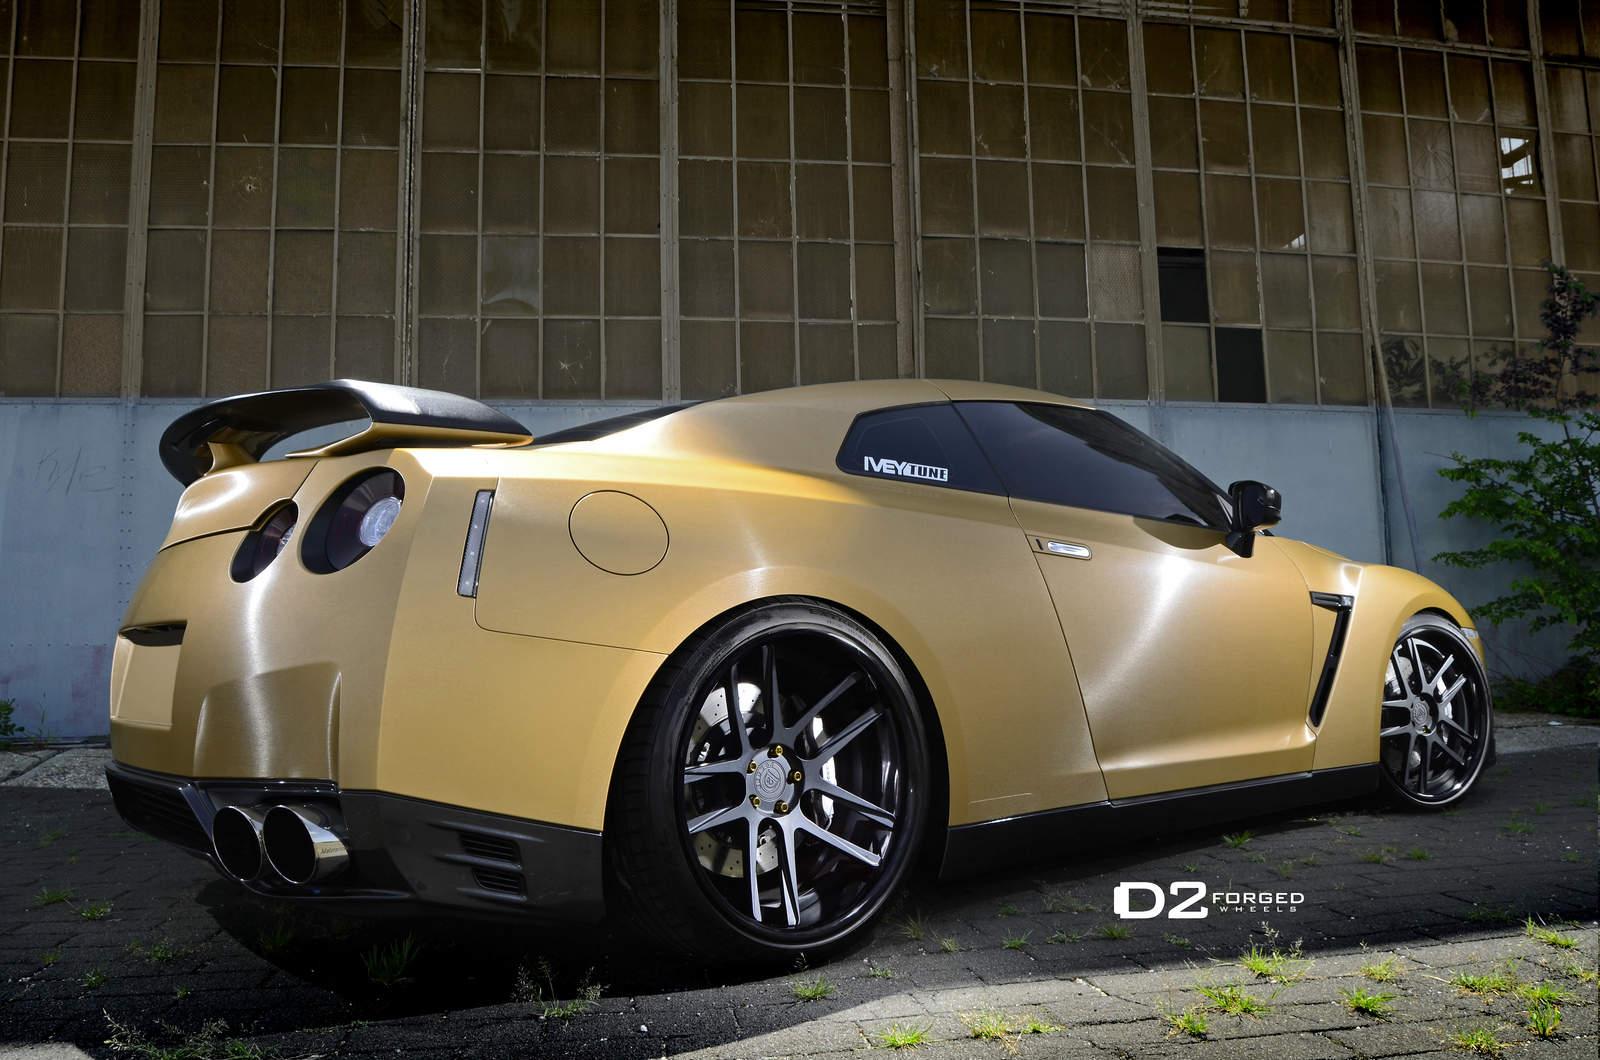 Matte Gold Nissan Gtr D2forged Cv8 Wheels Three Quarter